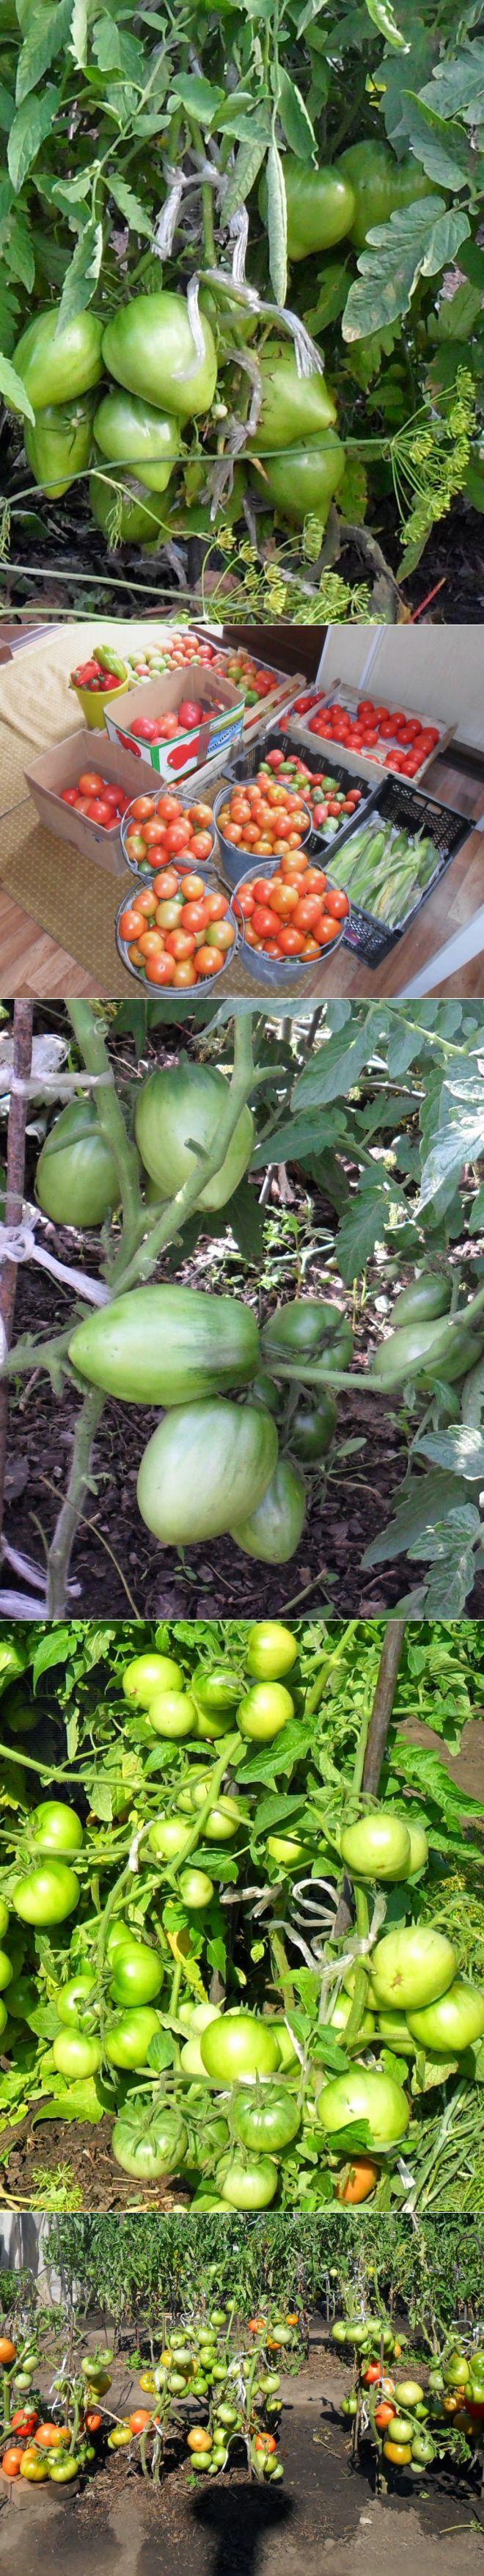 Вкусный Огород: Советы по выращиванию томатов | сад. огород | Постила